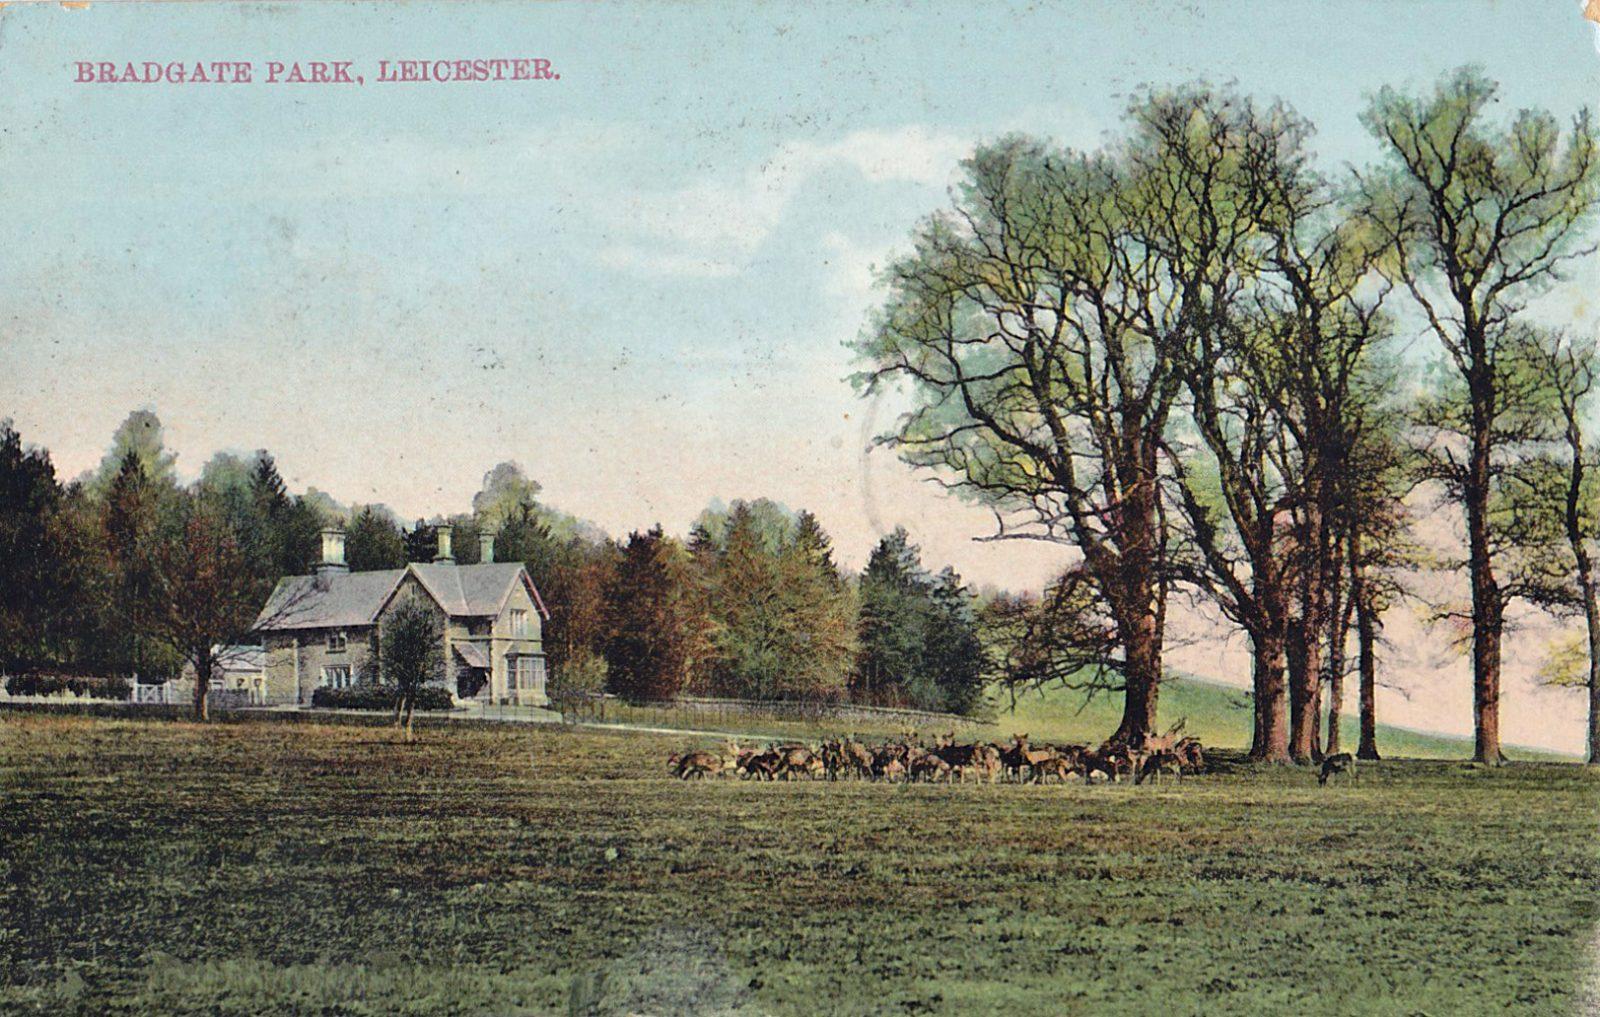 Bradgate Park, Leicester. 1901-1920: Park with deer. Franked 1911 (File:1499)